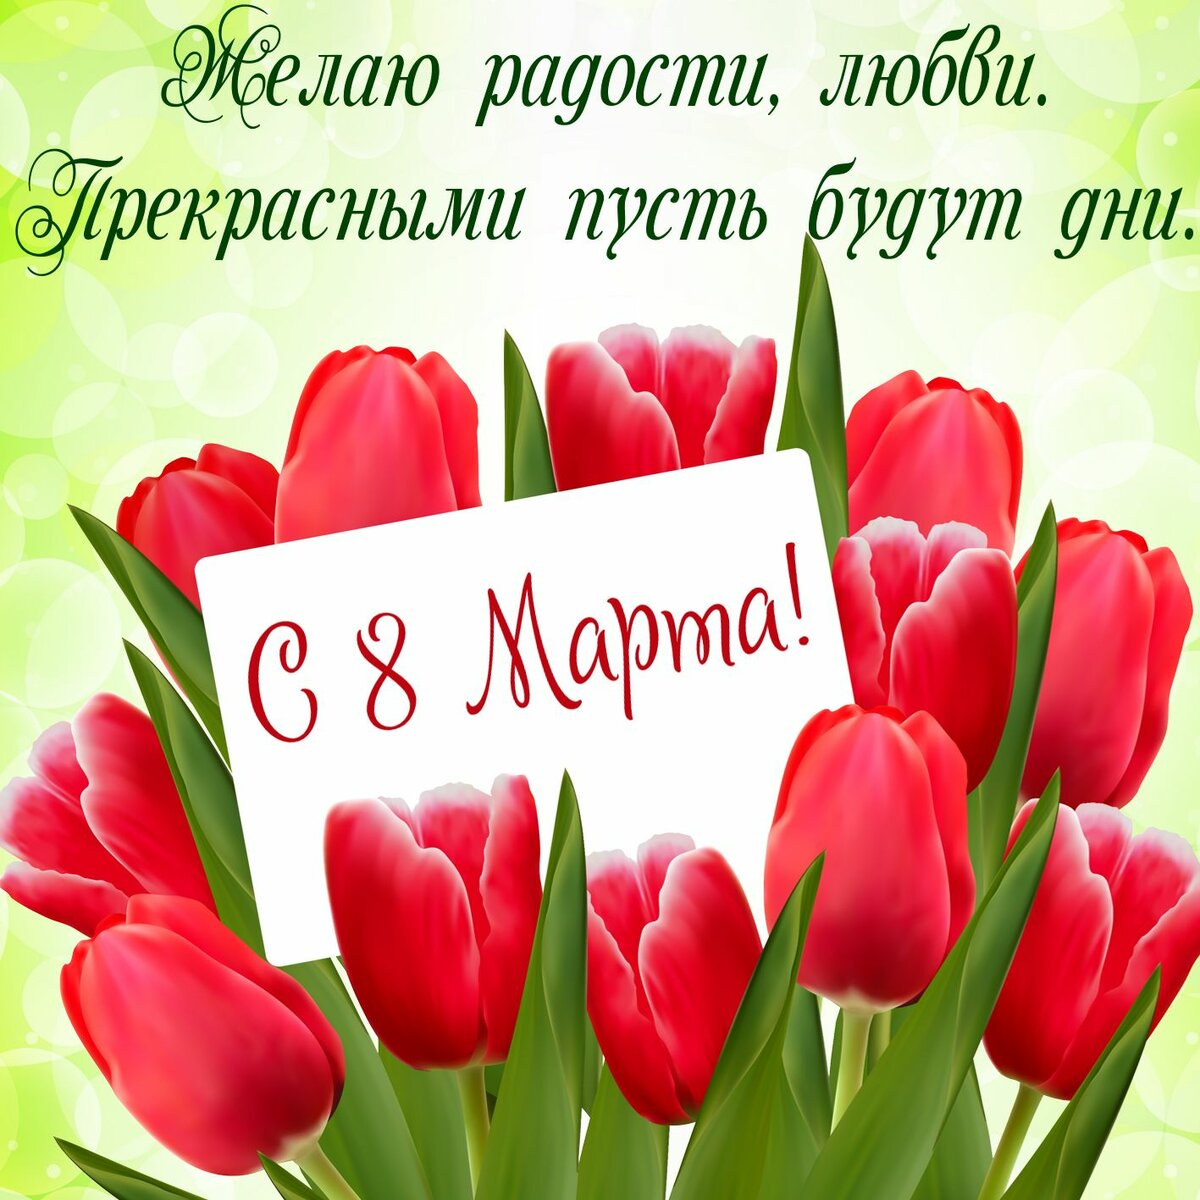 Открытка на 10 марта, наступающим днем россии